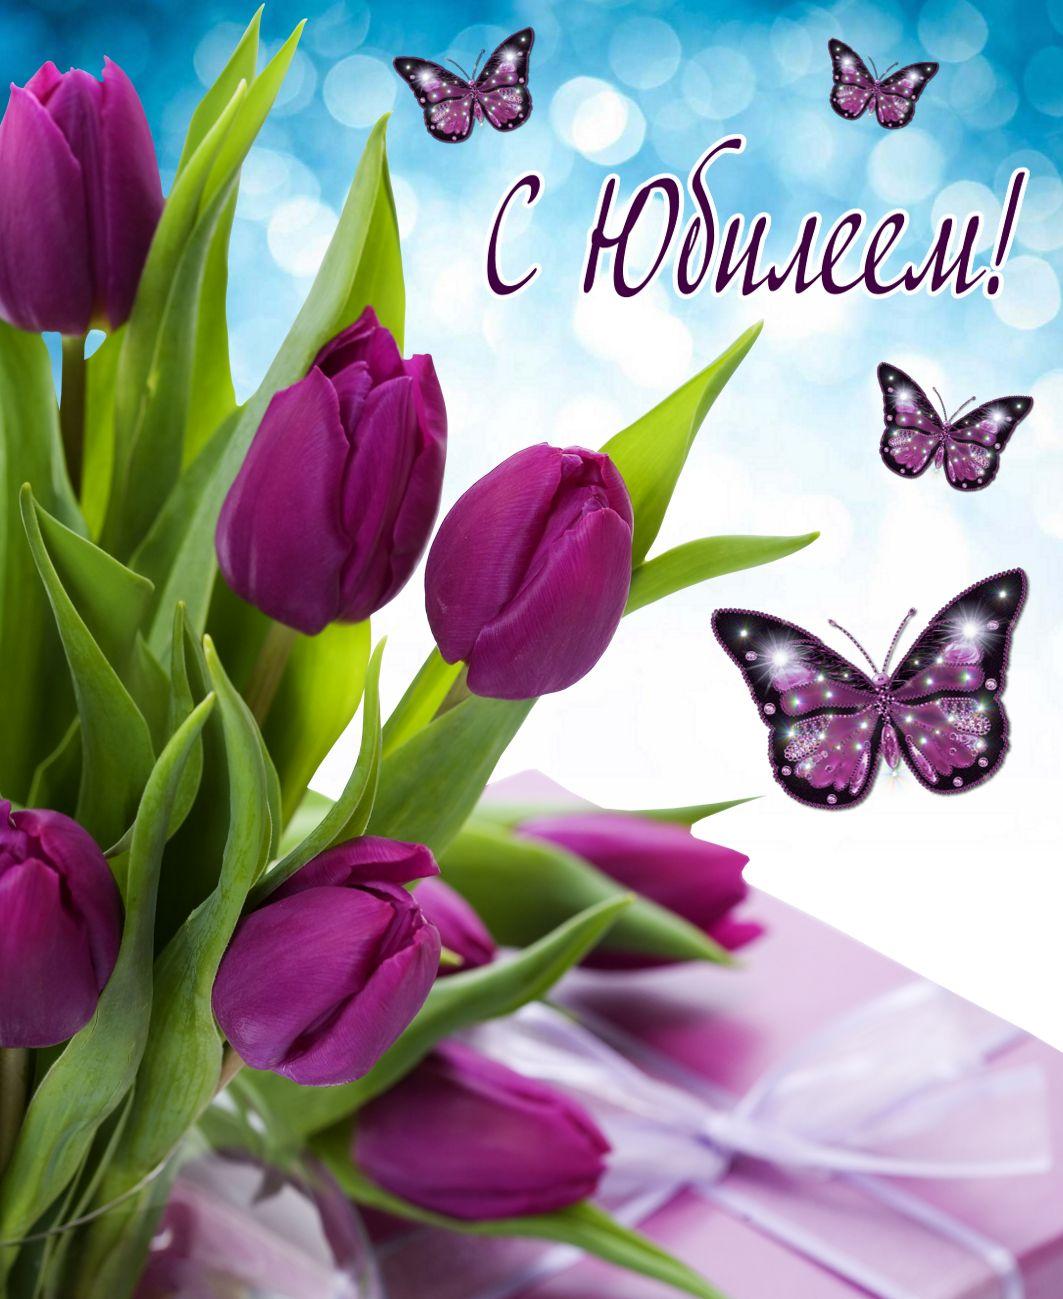 Яркие красивые открытки с днем рождения для женщины, охранник прикольные